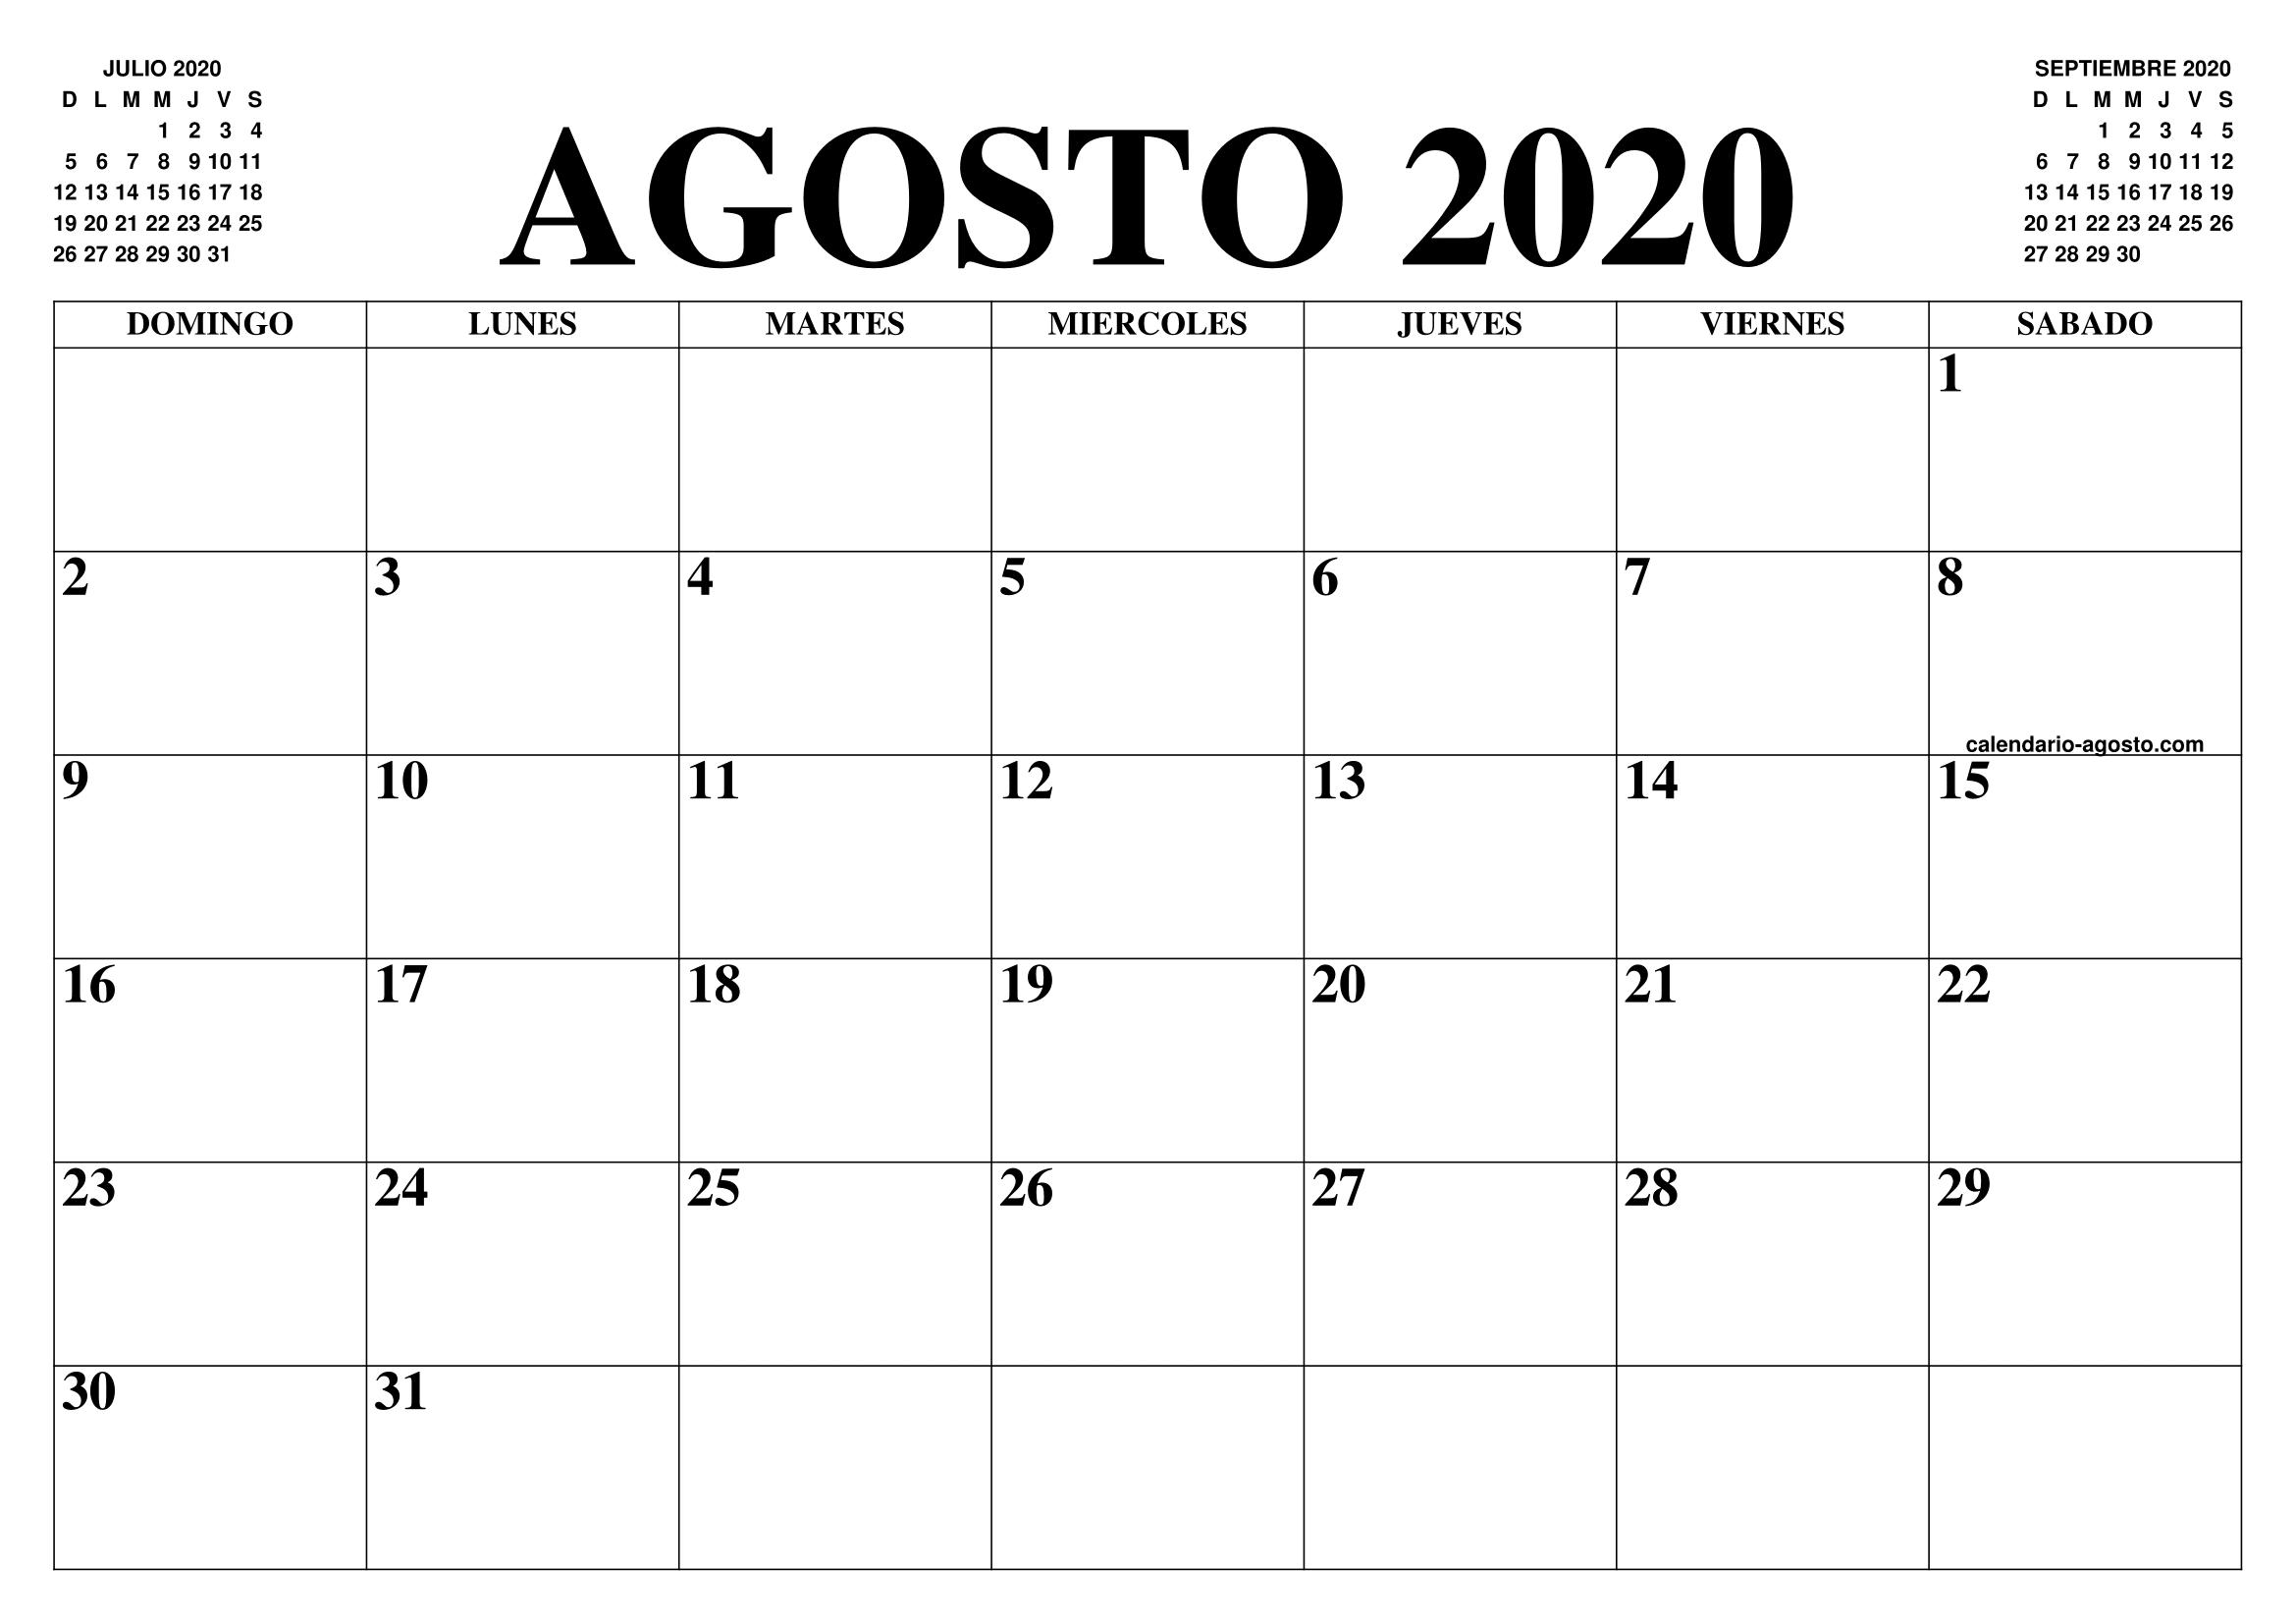 Calendario Julio 2020 Para Imprimir.Calendario Agosto 2020 El Calendario Agosto Para Imprimir Gratis